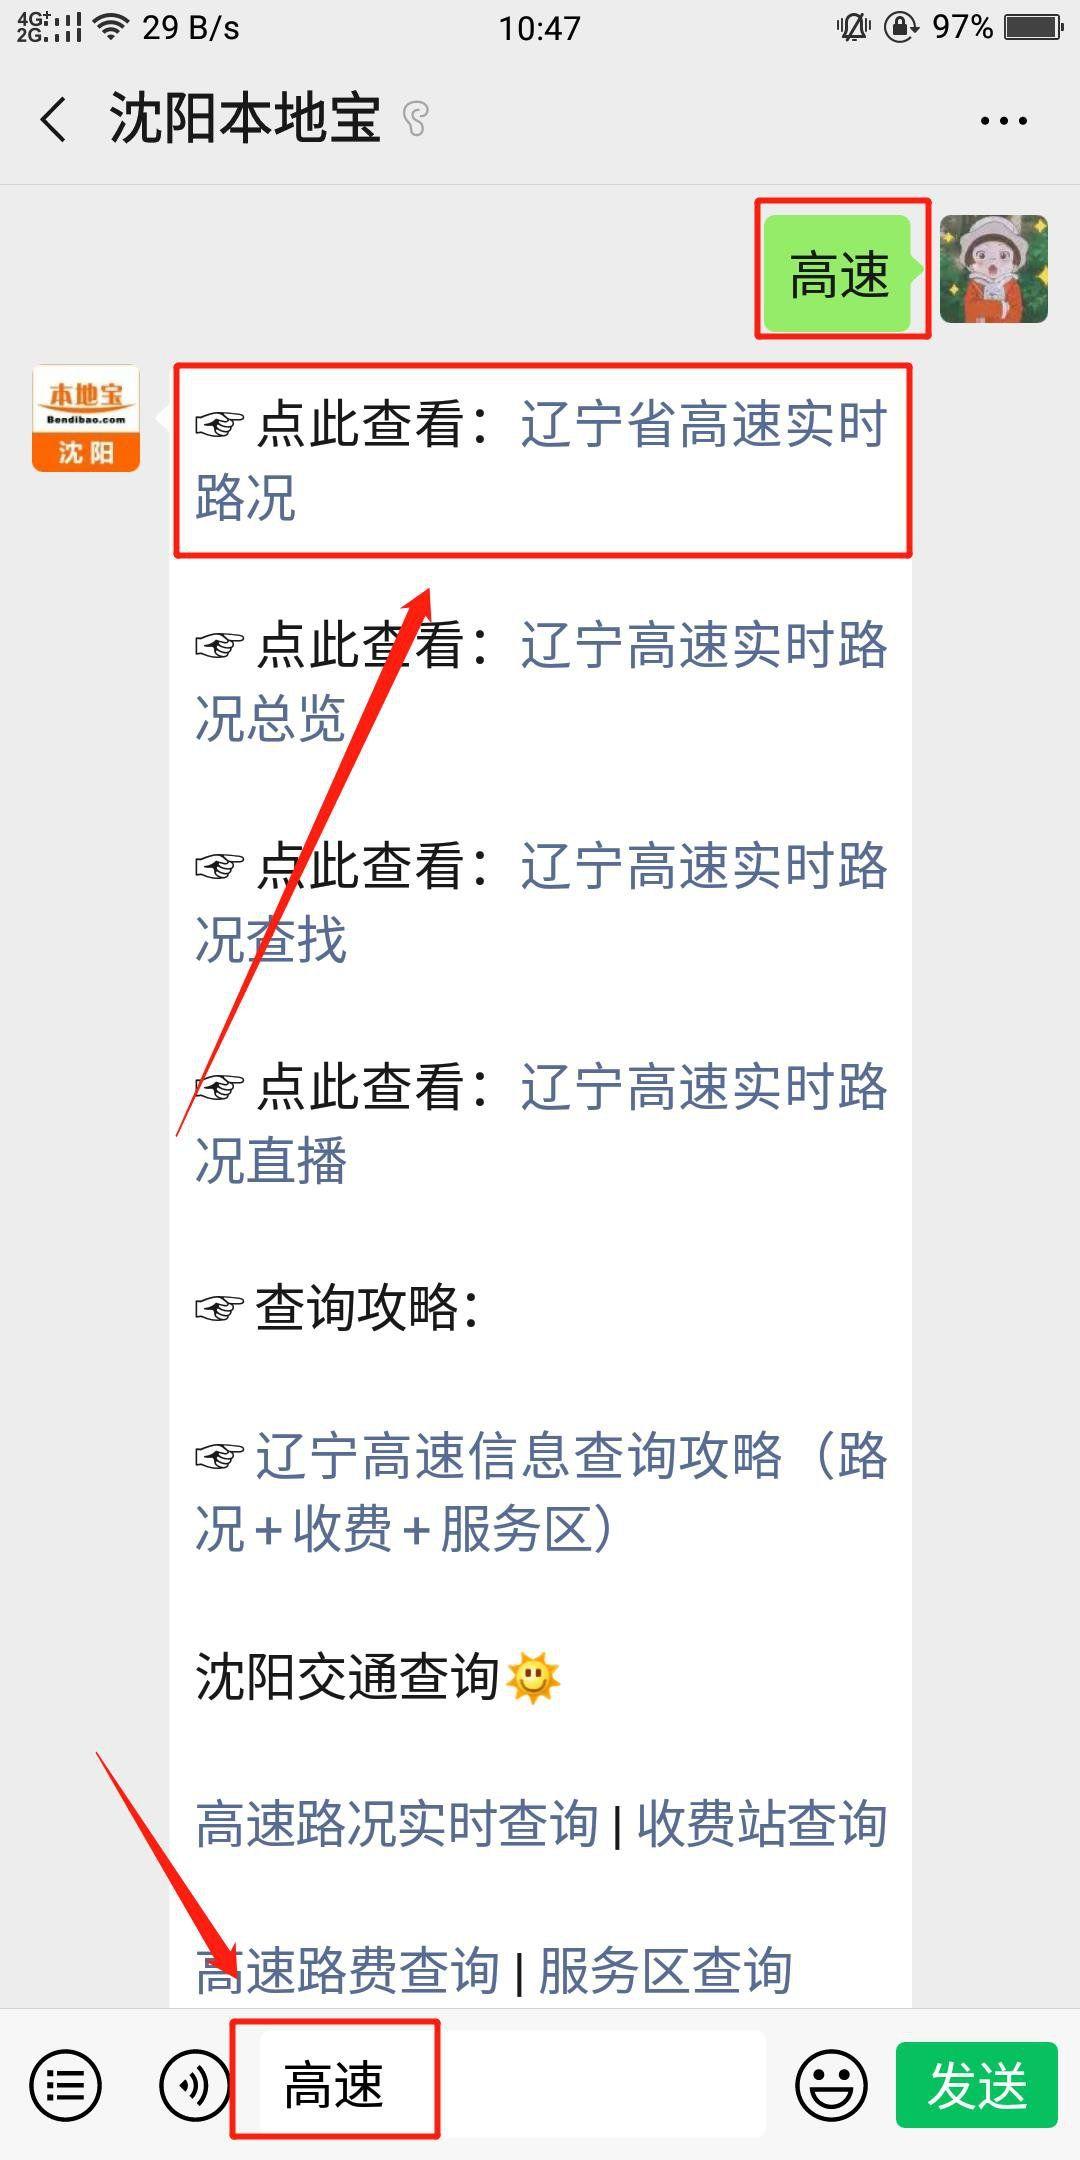 沈阳高速公路封路查询入口+最新消息